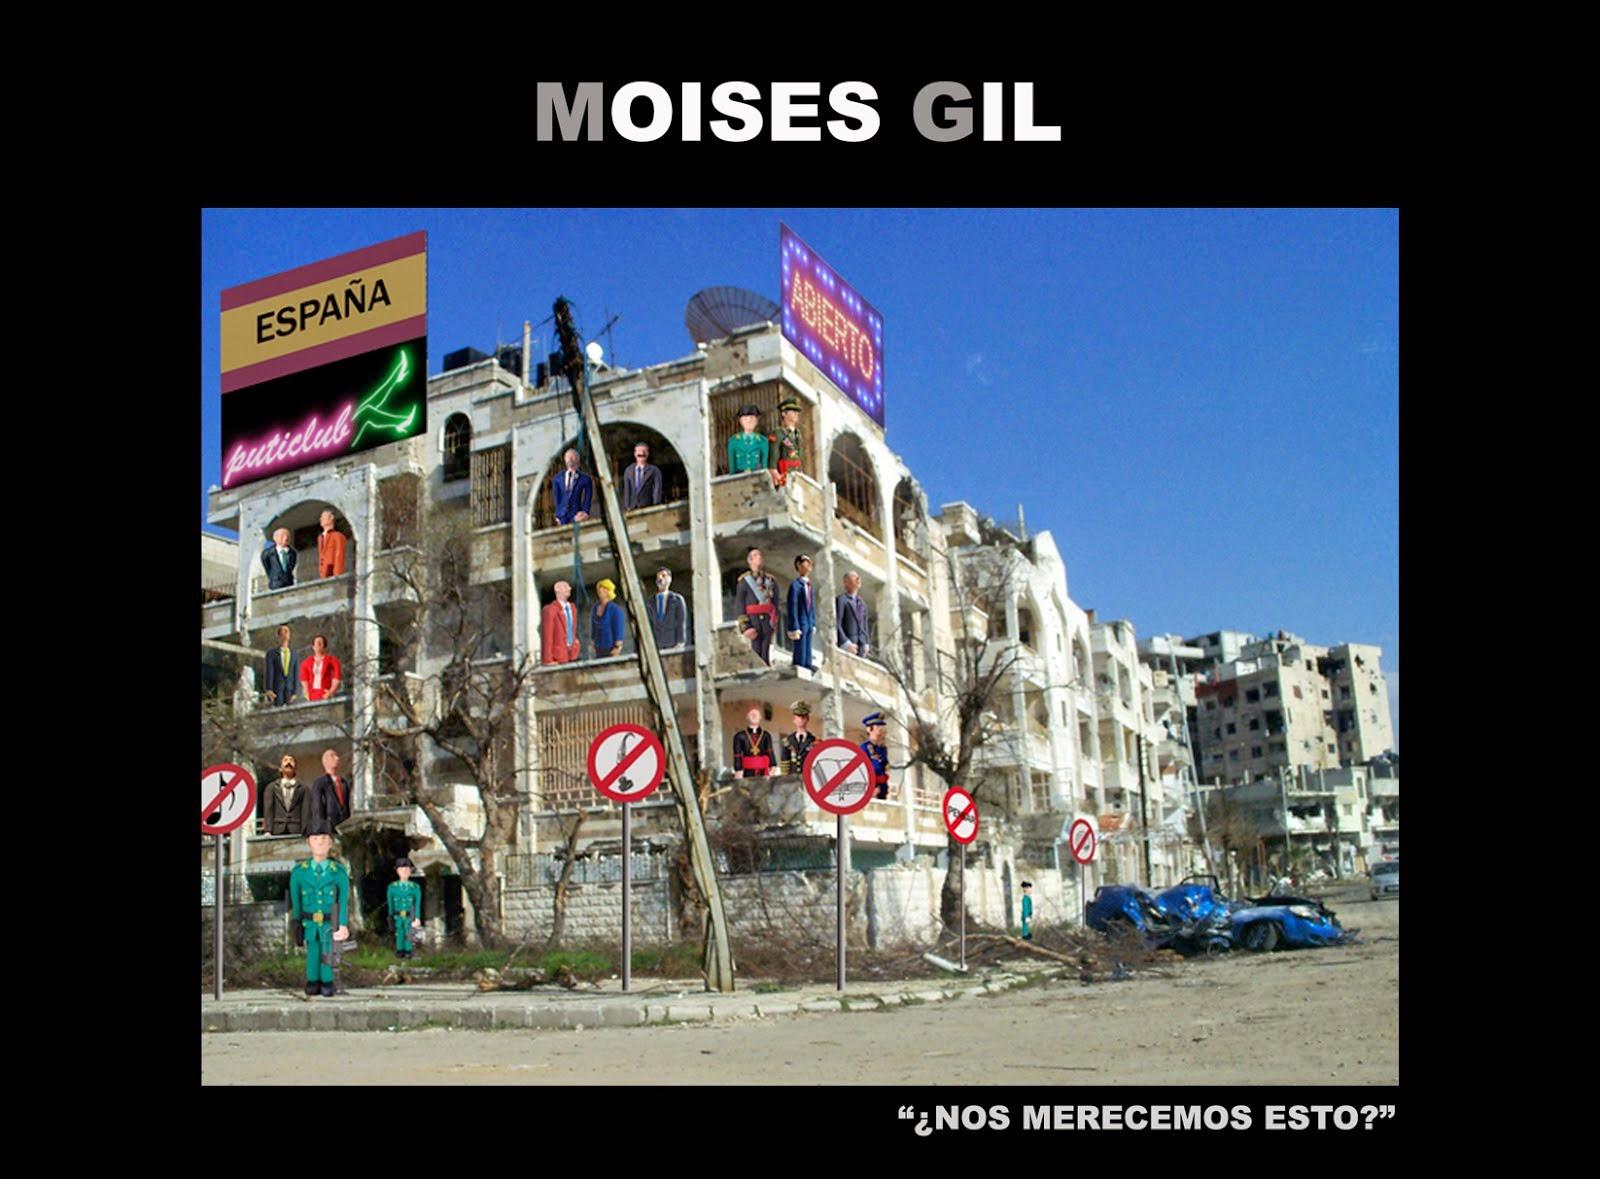 MOISES GIL